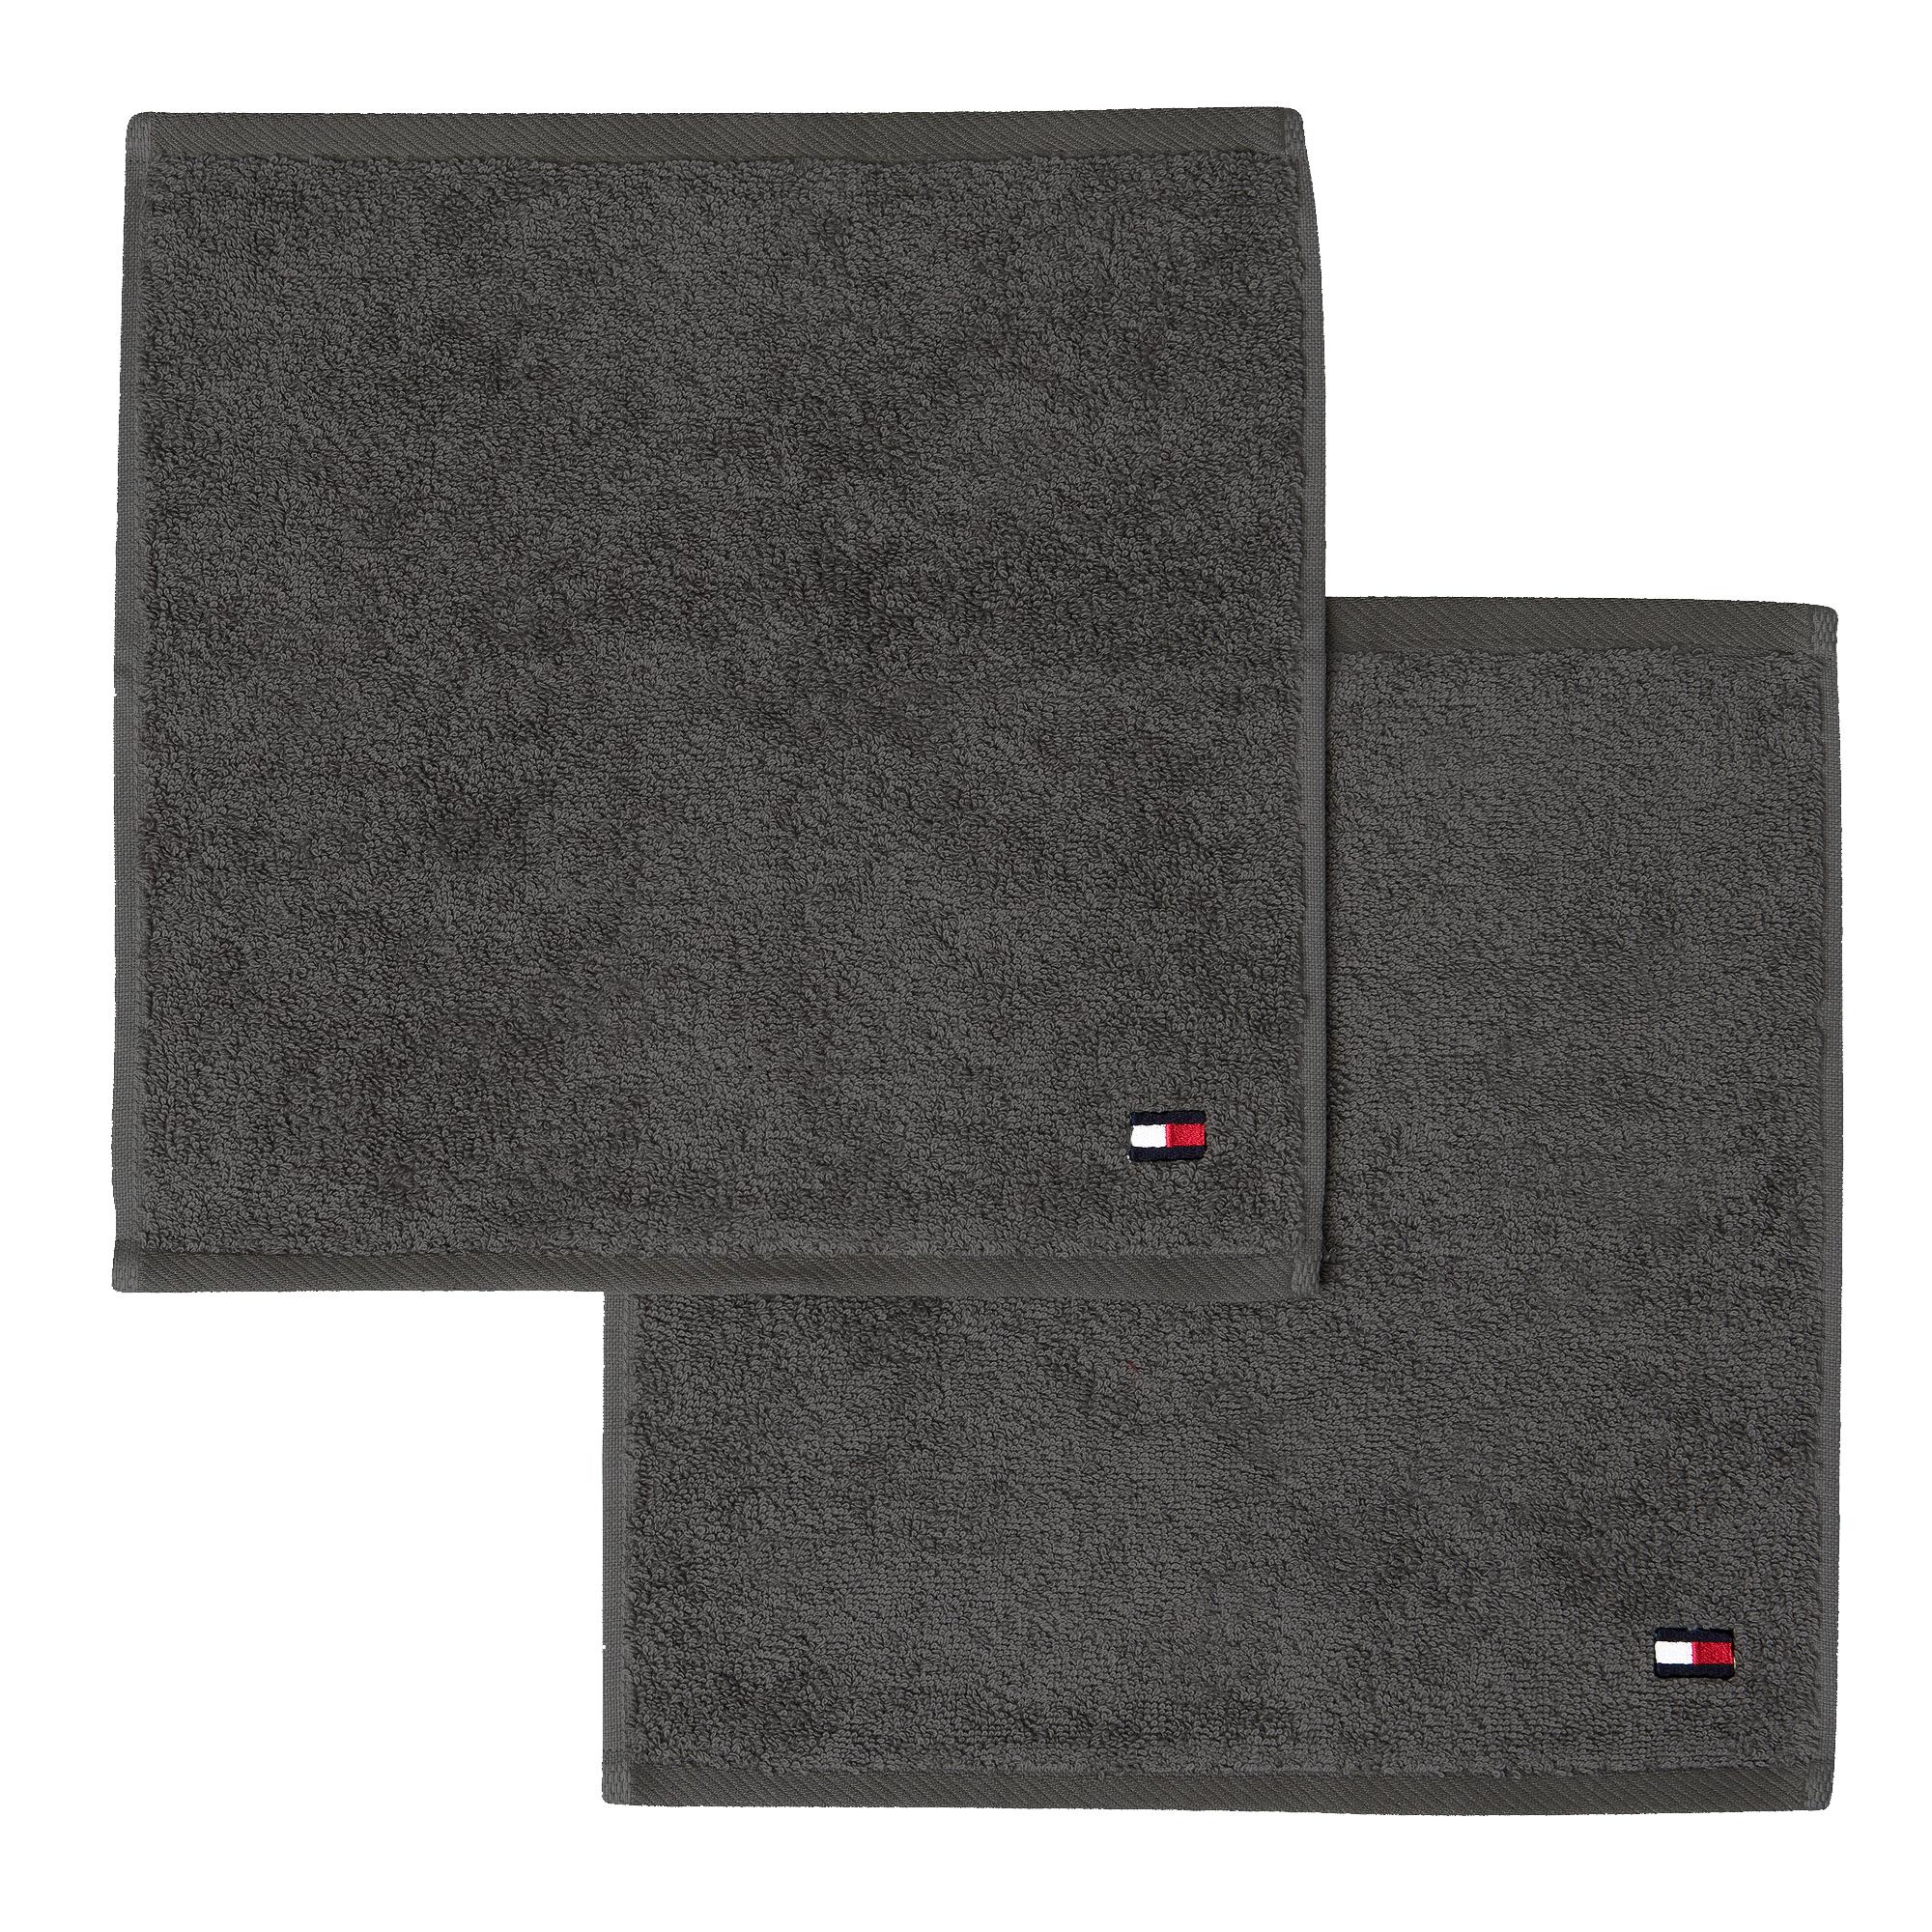 2 serviettes carrées LEGEND 2 EPONGE STEEL